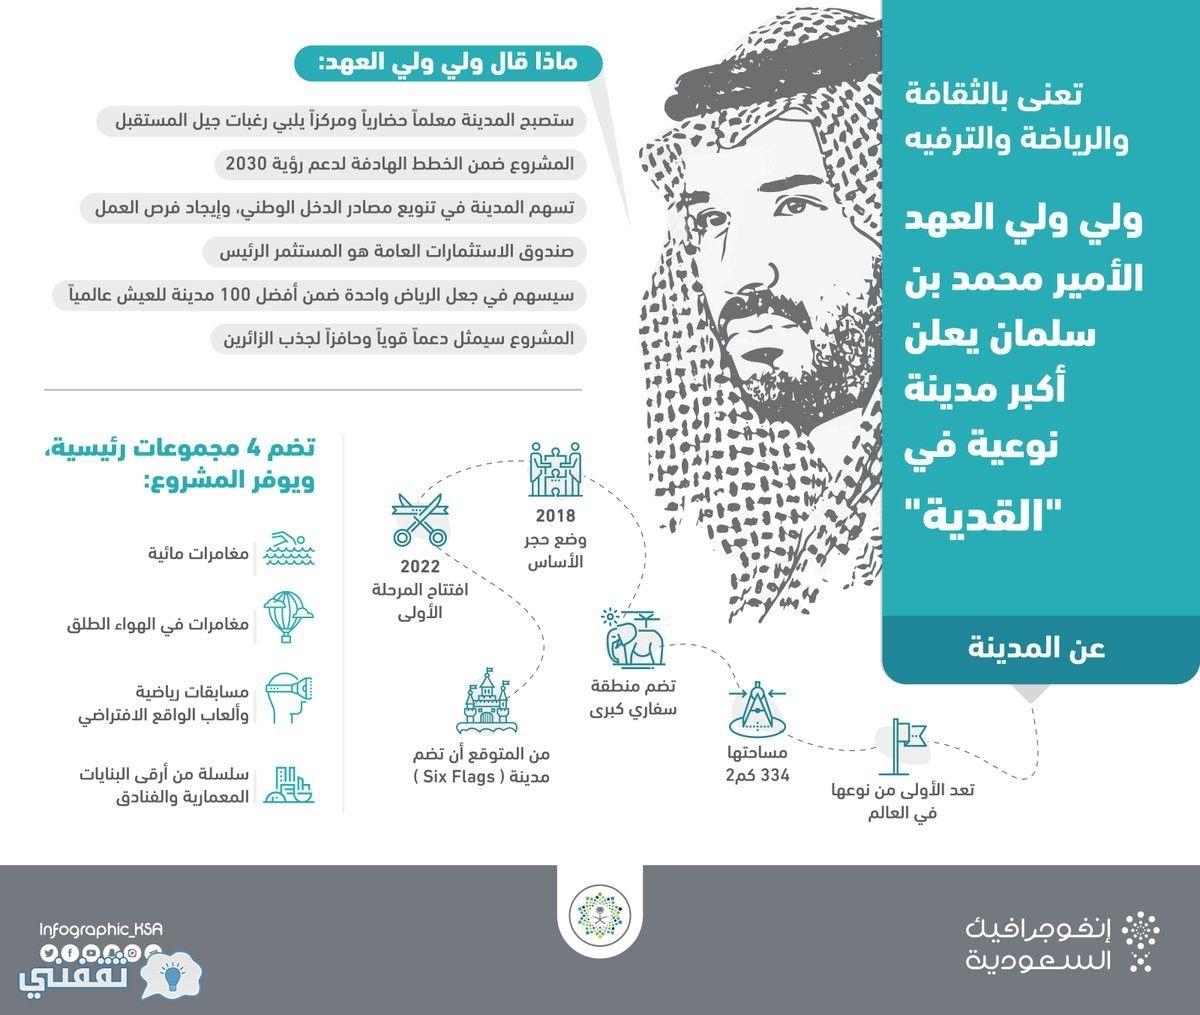 مشروع محمد بن سلمان بالقدية القدية مشروع القدية الجديد الرياض في السعودية آلاف فرص العمل Http Www Thaqfny Co Boarding Pass Mobile Boarding Pass Travel